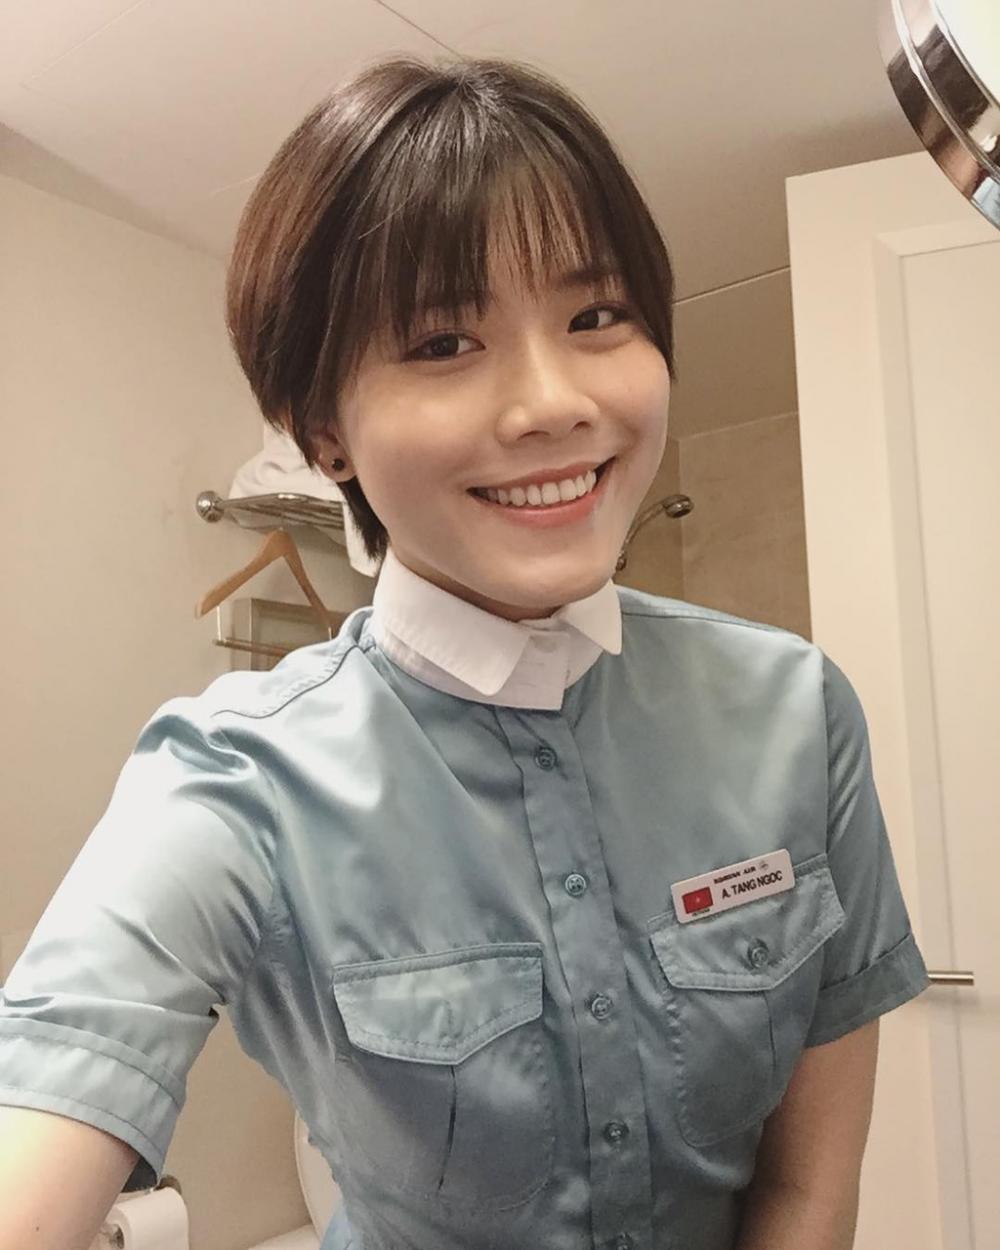 Ngọc Anh làm tiếp viên hàng không cho hãng Korean Air đến nay được 5 năm.